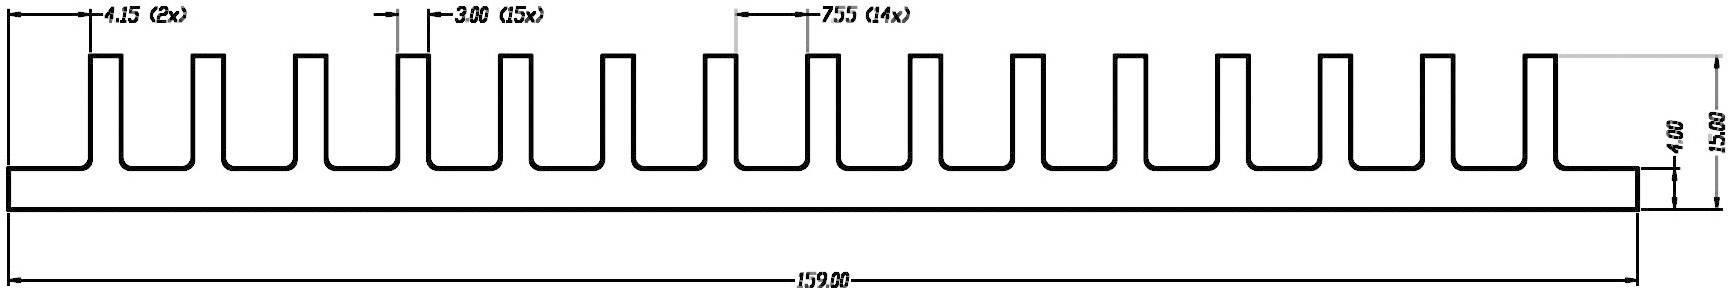 Profilový chladič CTX Thermal Solutions CTX44/100 CTX44/100, 1.7 K/W, (d x š x v) 100 x 159 x 15 mm